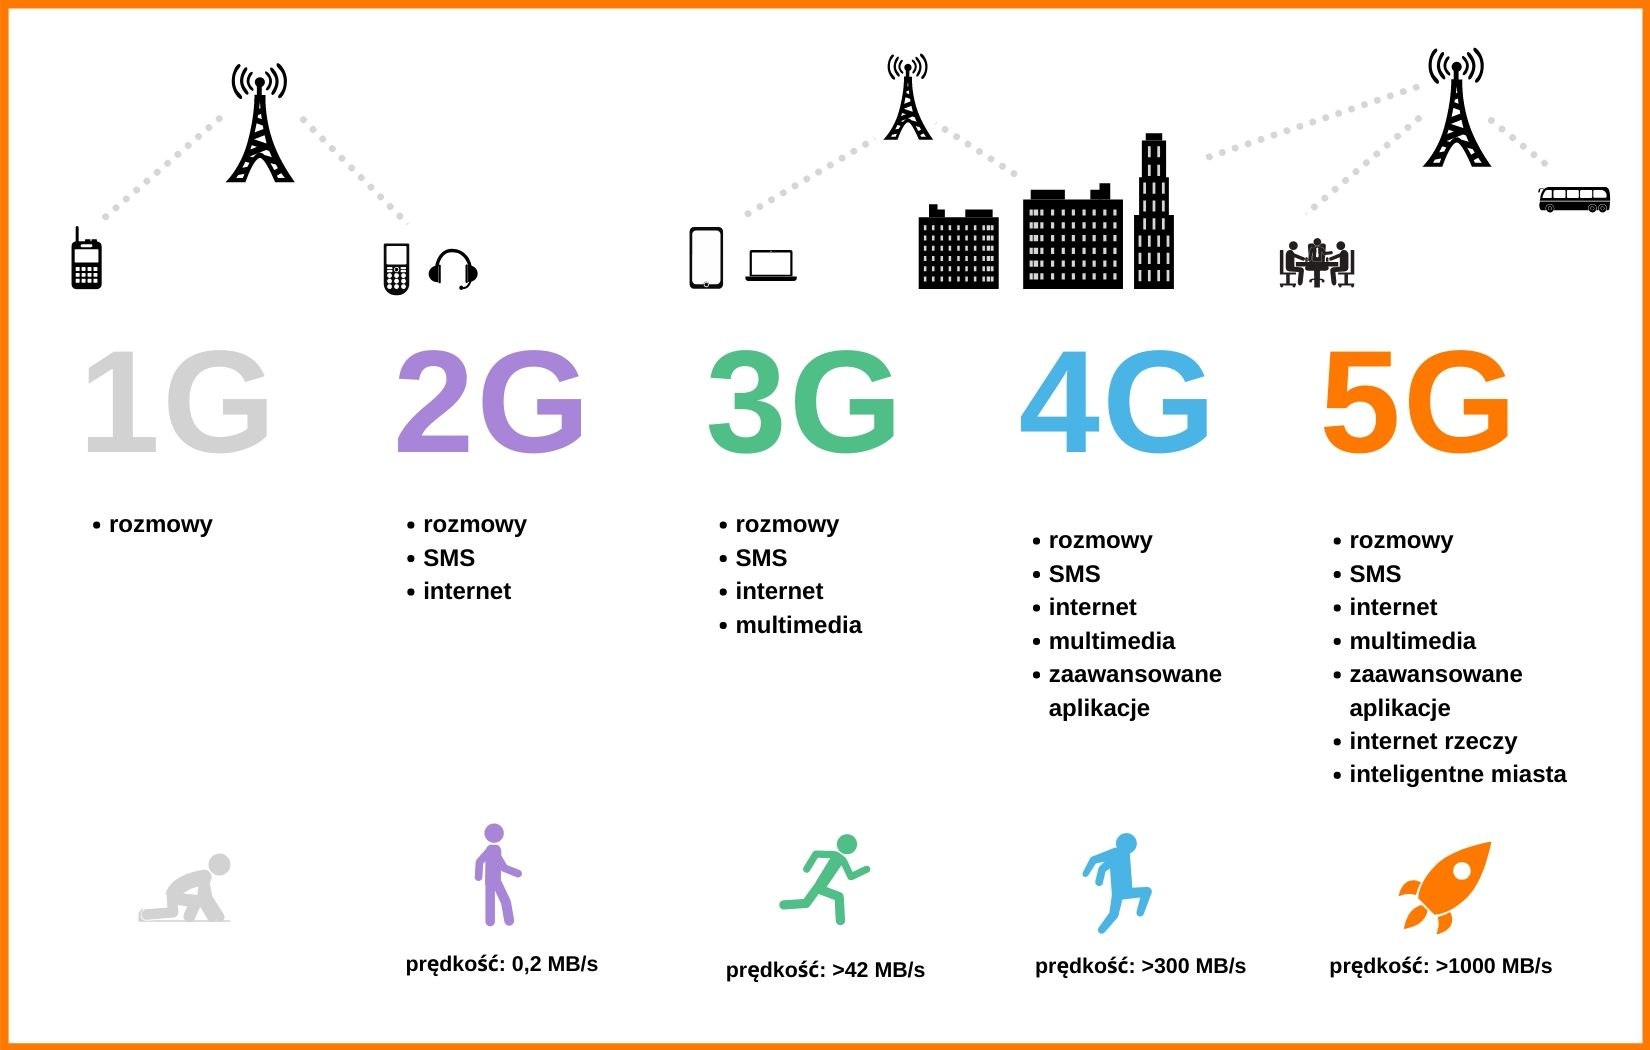 Sieć od 1G do 5G